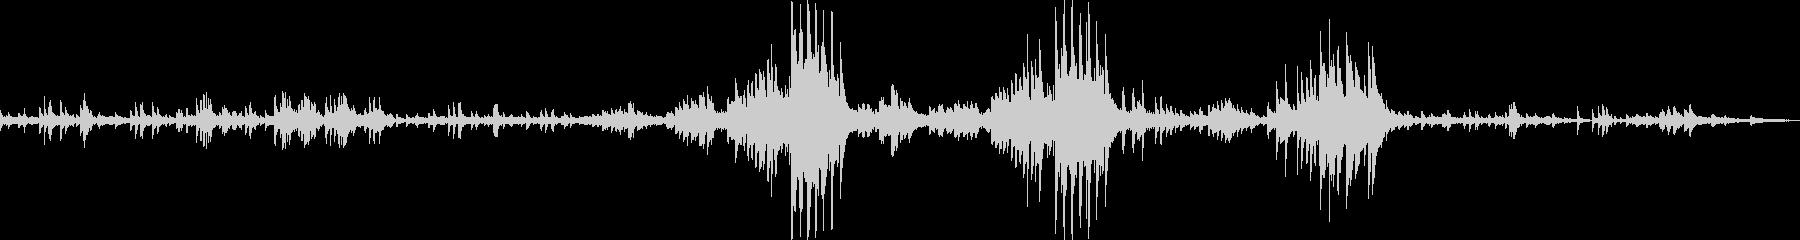 ショパンのプレリュードOp28のNo15の未再生の波形